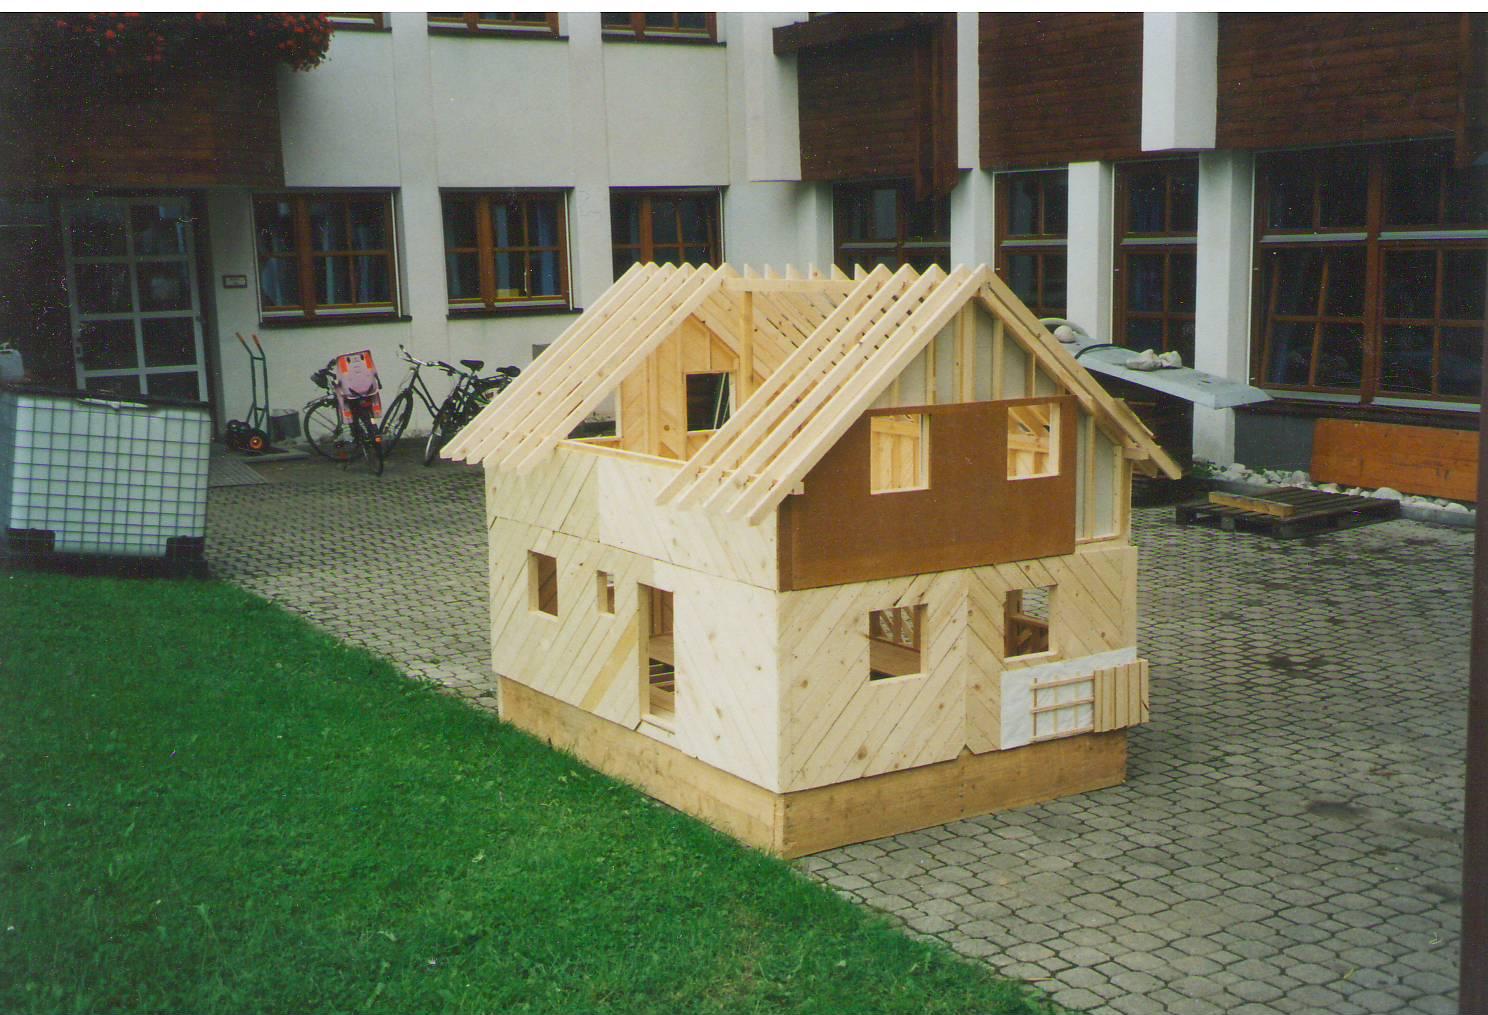 Holzrahmenbau verbindungen  holzhaus-service-noe: Juli 2011